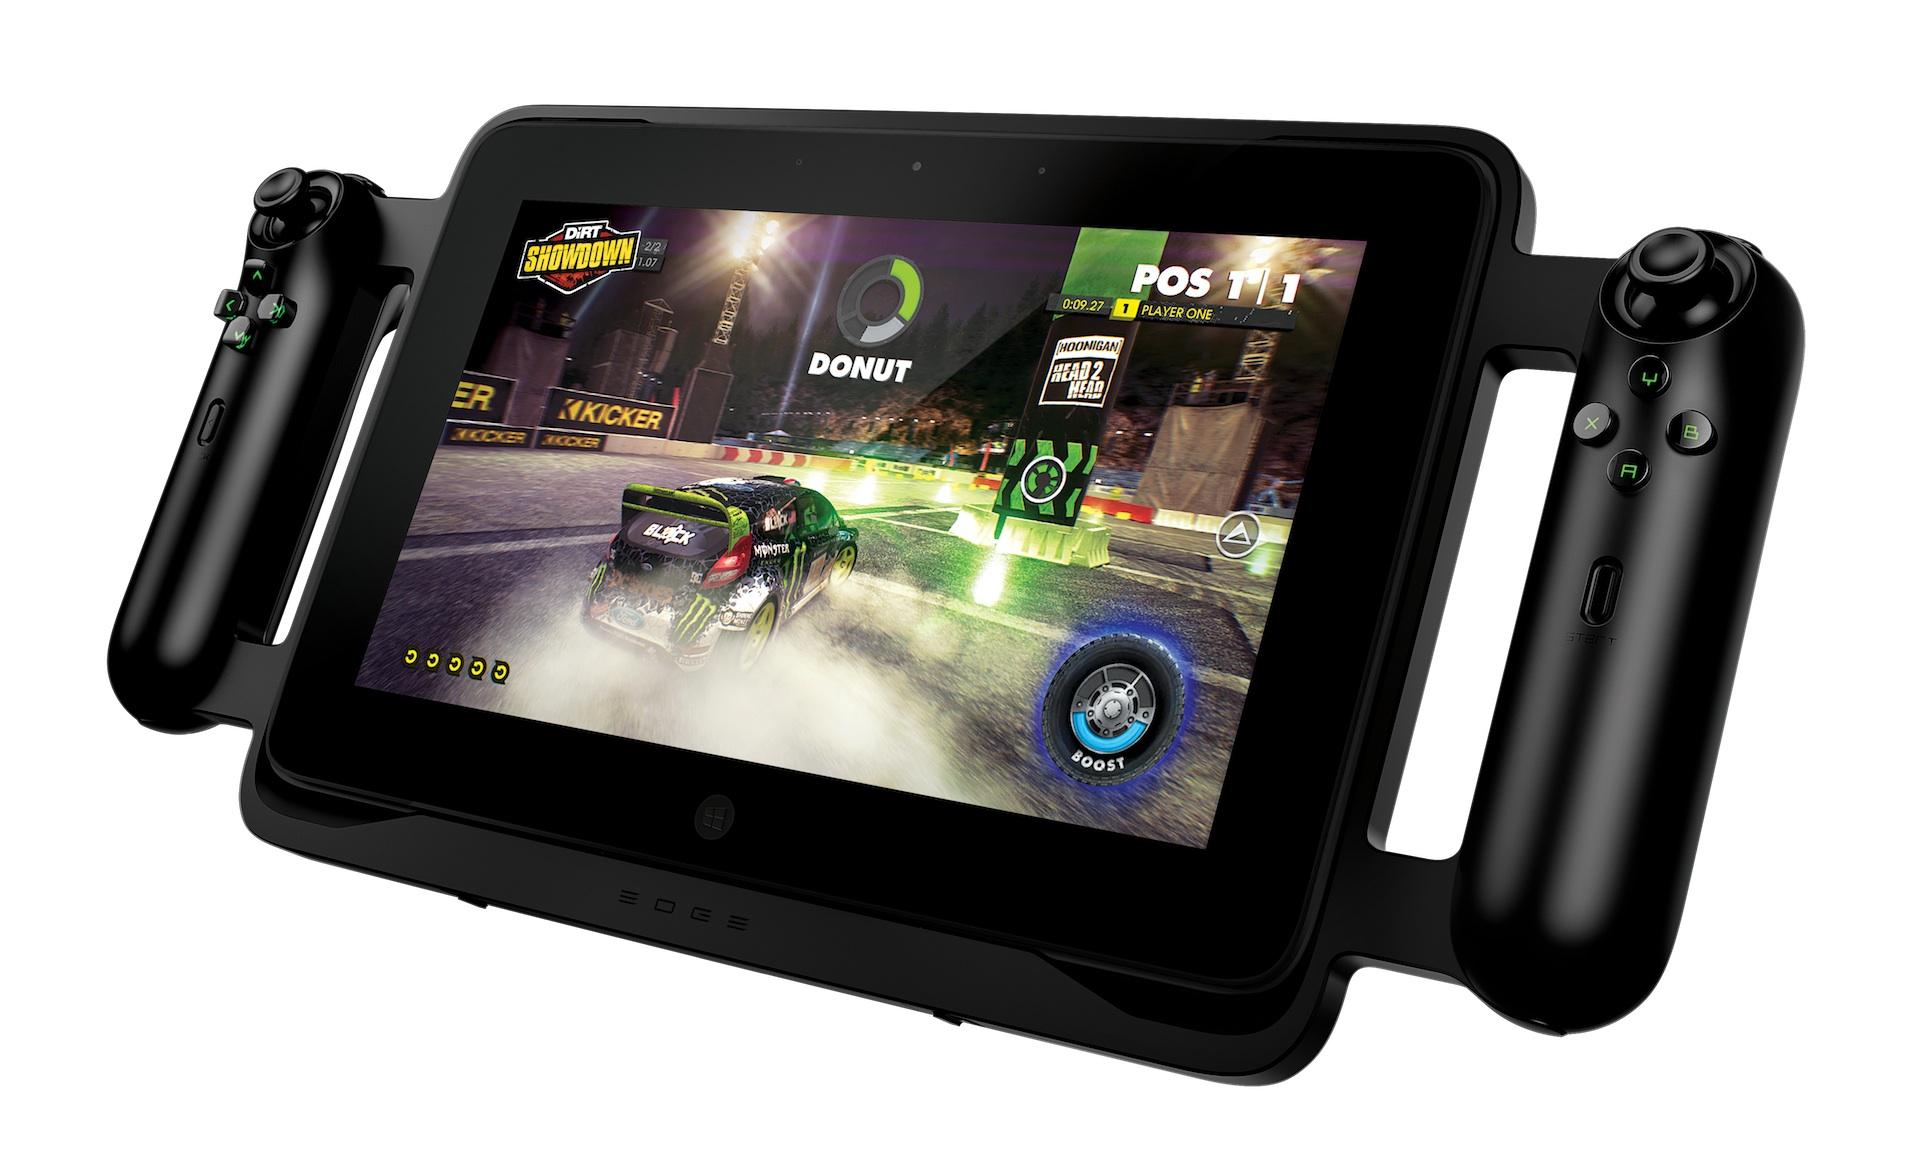 Razer Edge: Gaming-Tablet mit Controller, Keyboard und Dock angespielt - Razer Edge - PC-Spieletablet mit Windows 8, Touchscreen und optionalem Conroller-Rahmen (Bild: Razer)